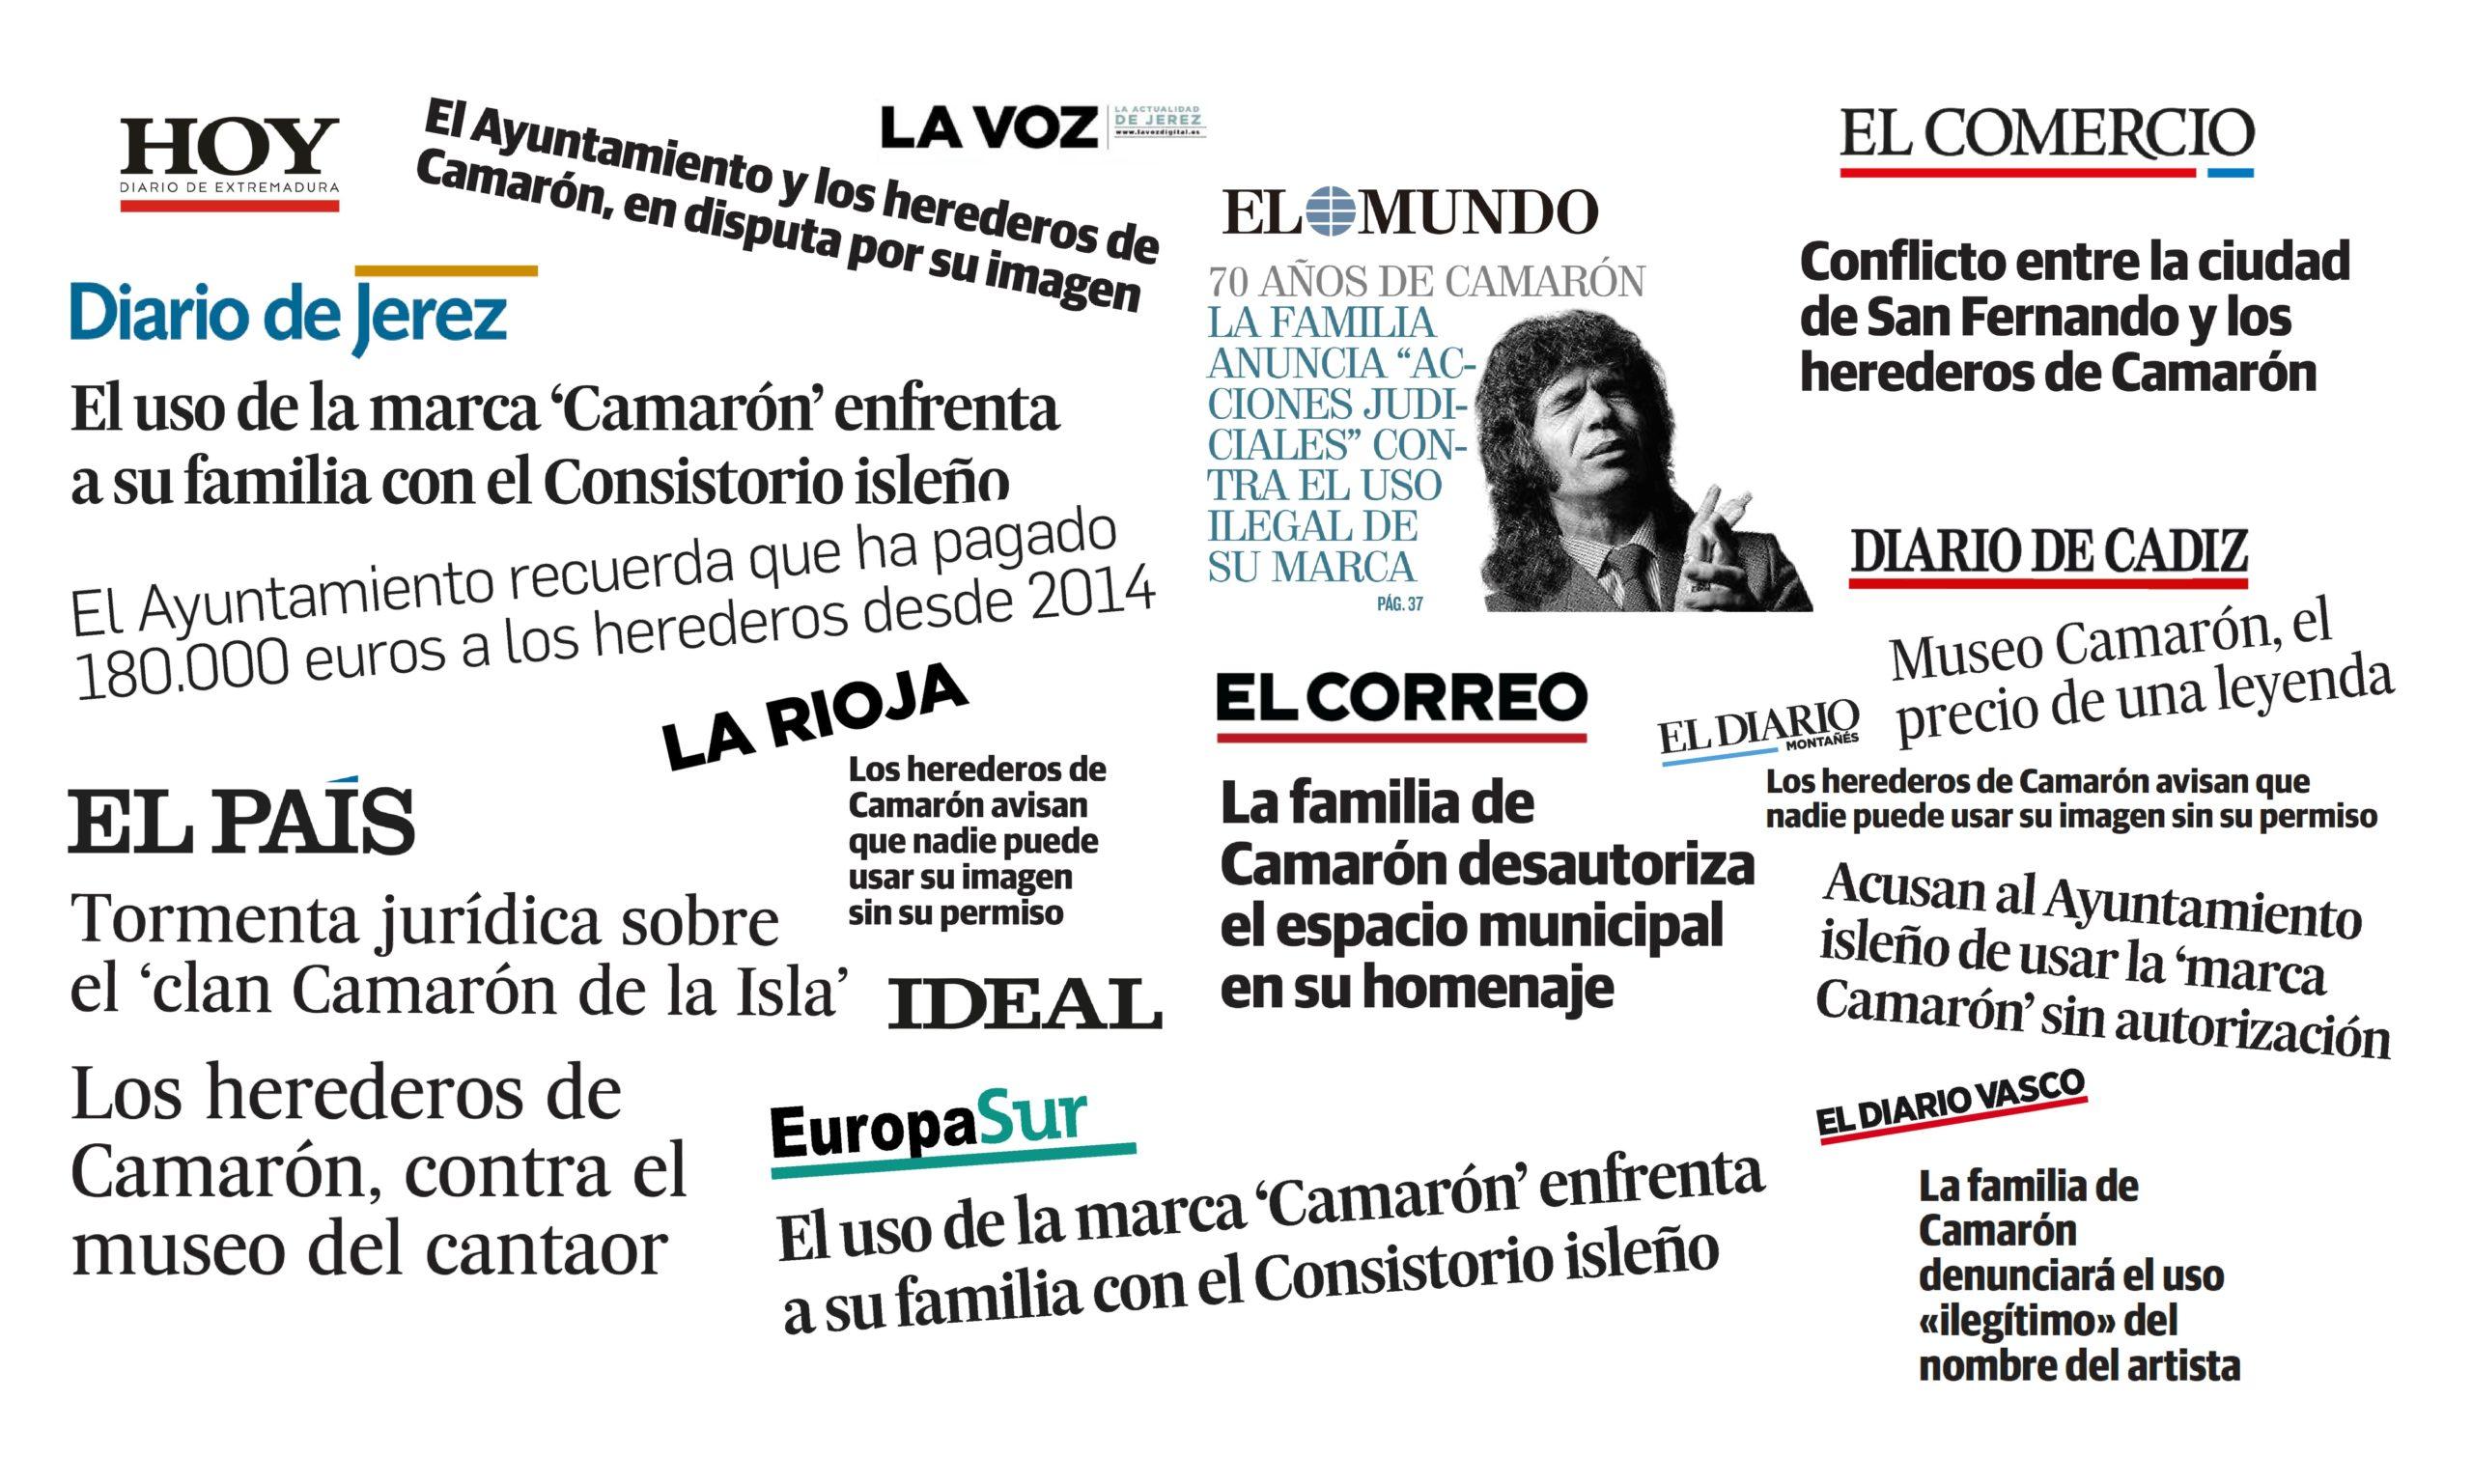 Los herederos de Camarón advierten al Ayuntamiento de San Fernando que no tiene los derechos para la utilización de la imagen ni la marca del artista